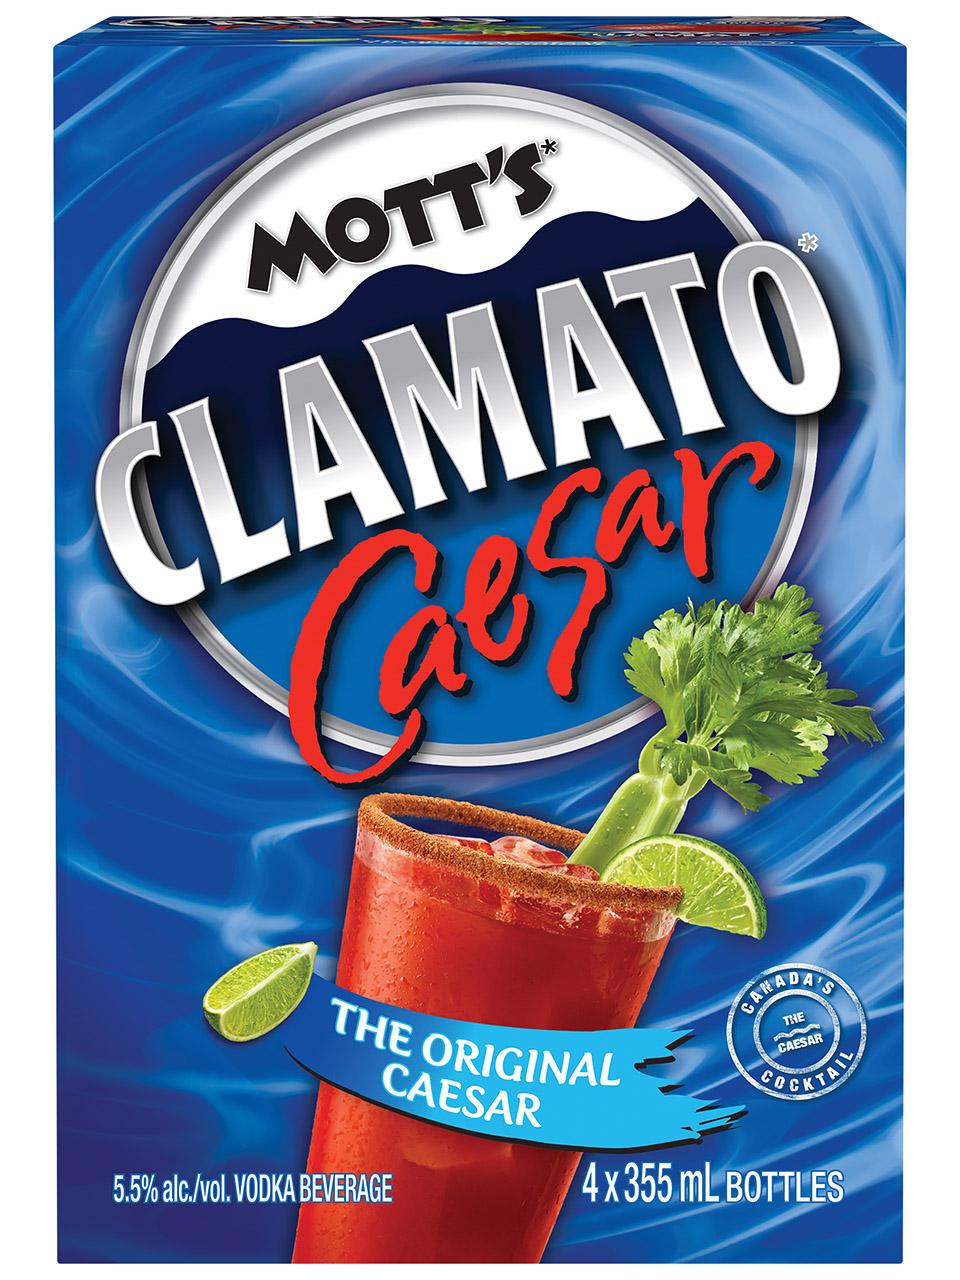 Mott's Clamato Caesar Original 4 Pack Bottles